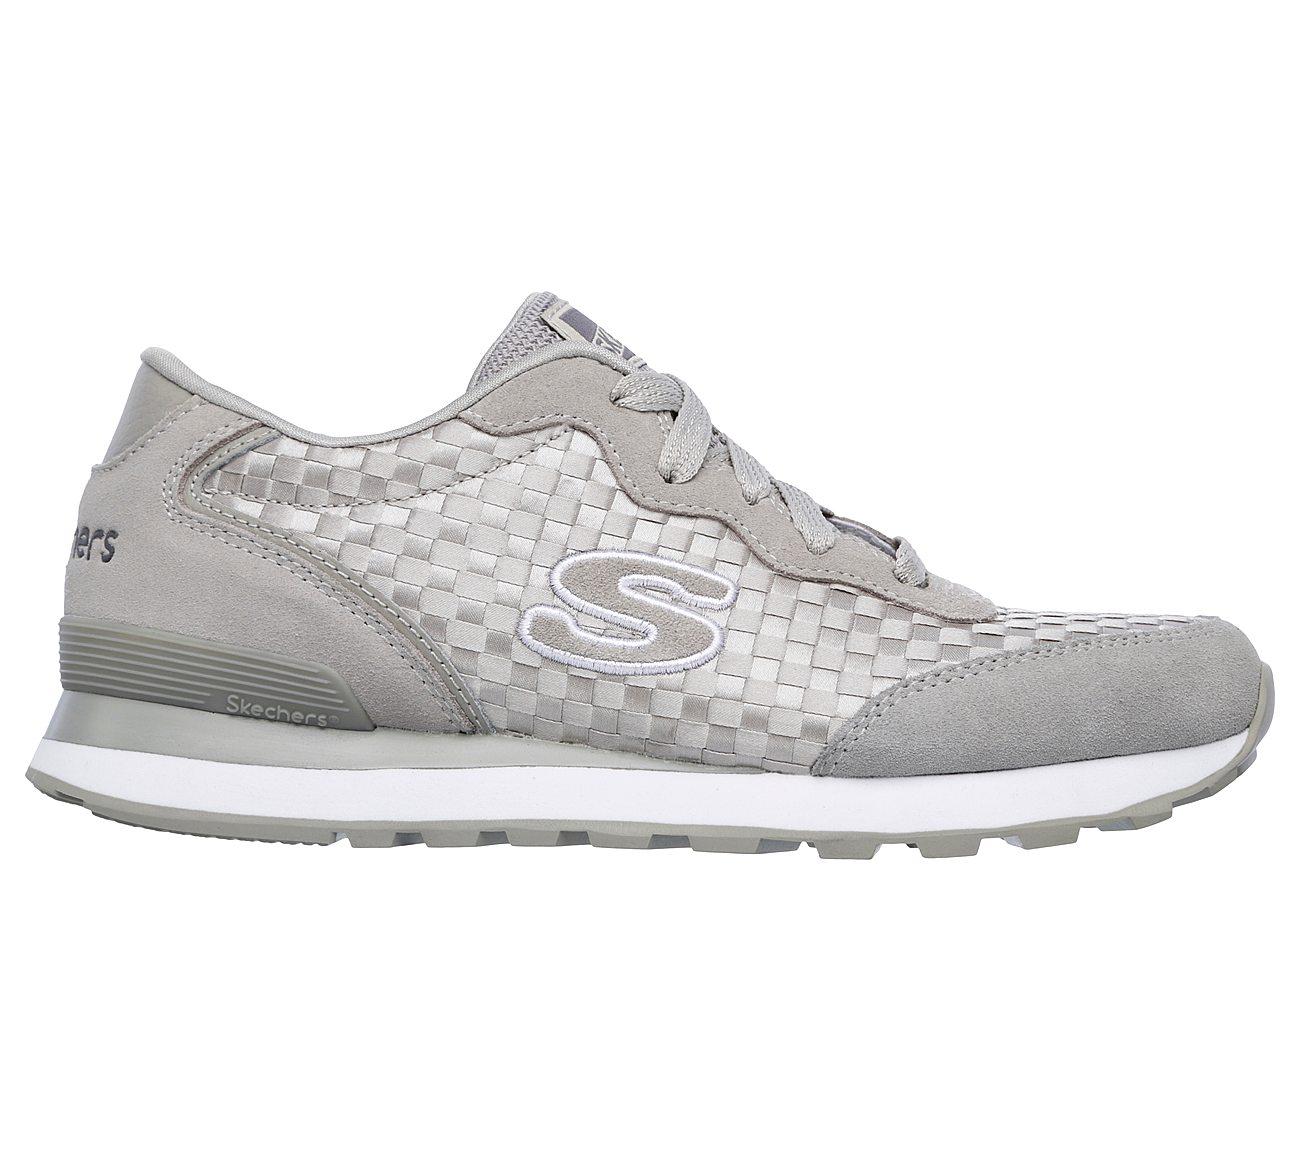 9f48fb83dd26 Buy SKECHERS OG 82 - B Weaver Originals Shoes only  65.00